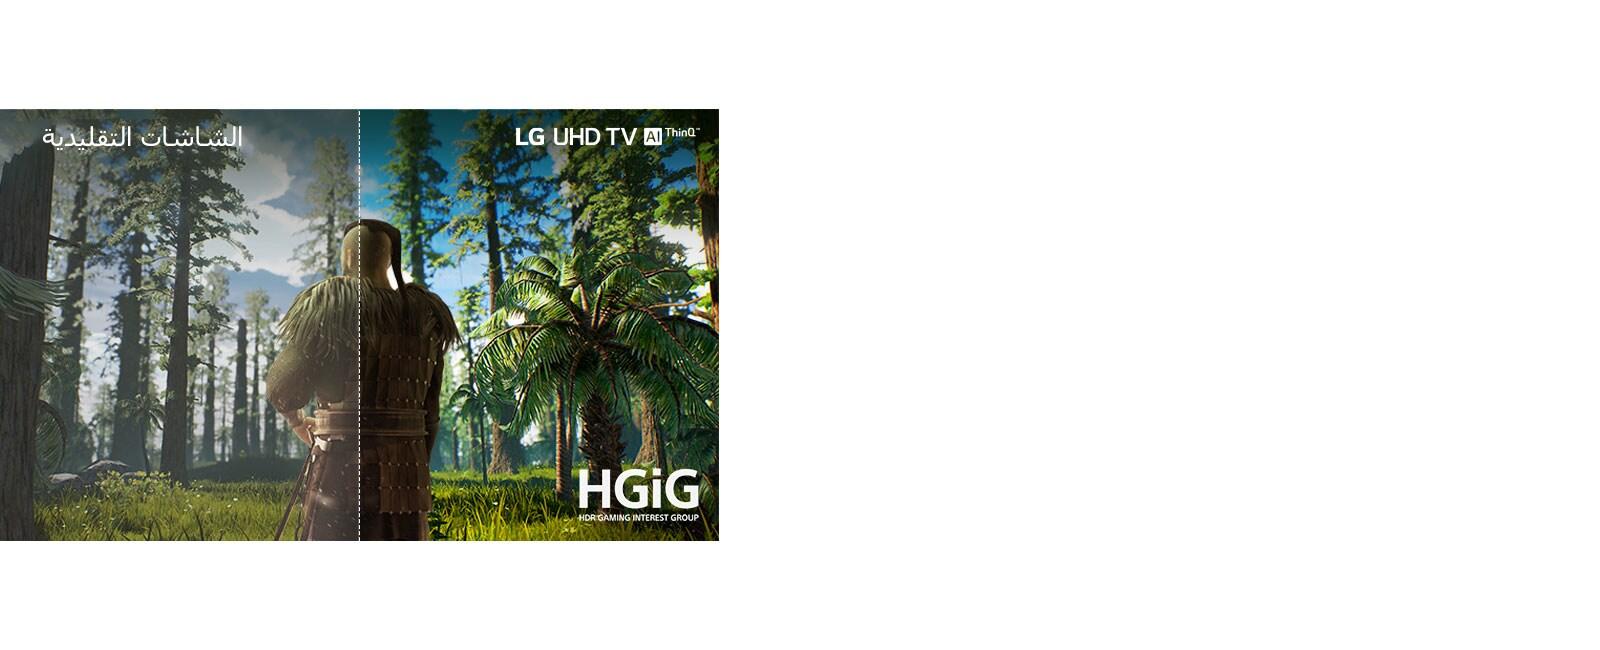 إحدى شاشات التلفزيون تعرض مشهدًا للعبة يظهر رجلا يقف وسط الغابة. يظهر النصف على شاشة تقليدية بجودة رديئة للصورة. ويظهر النصف الآخر على شاشة تلفزيون UHD من إل جي بجودة صورة واضحة ومفعمة بالحيوية.